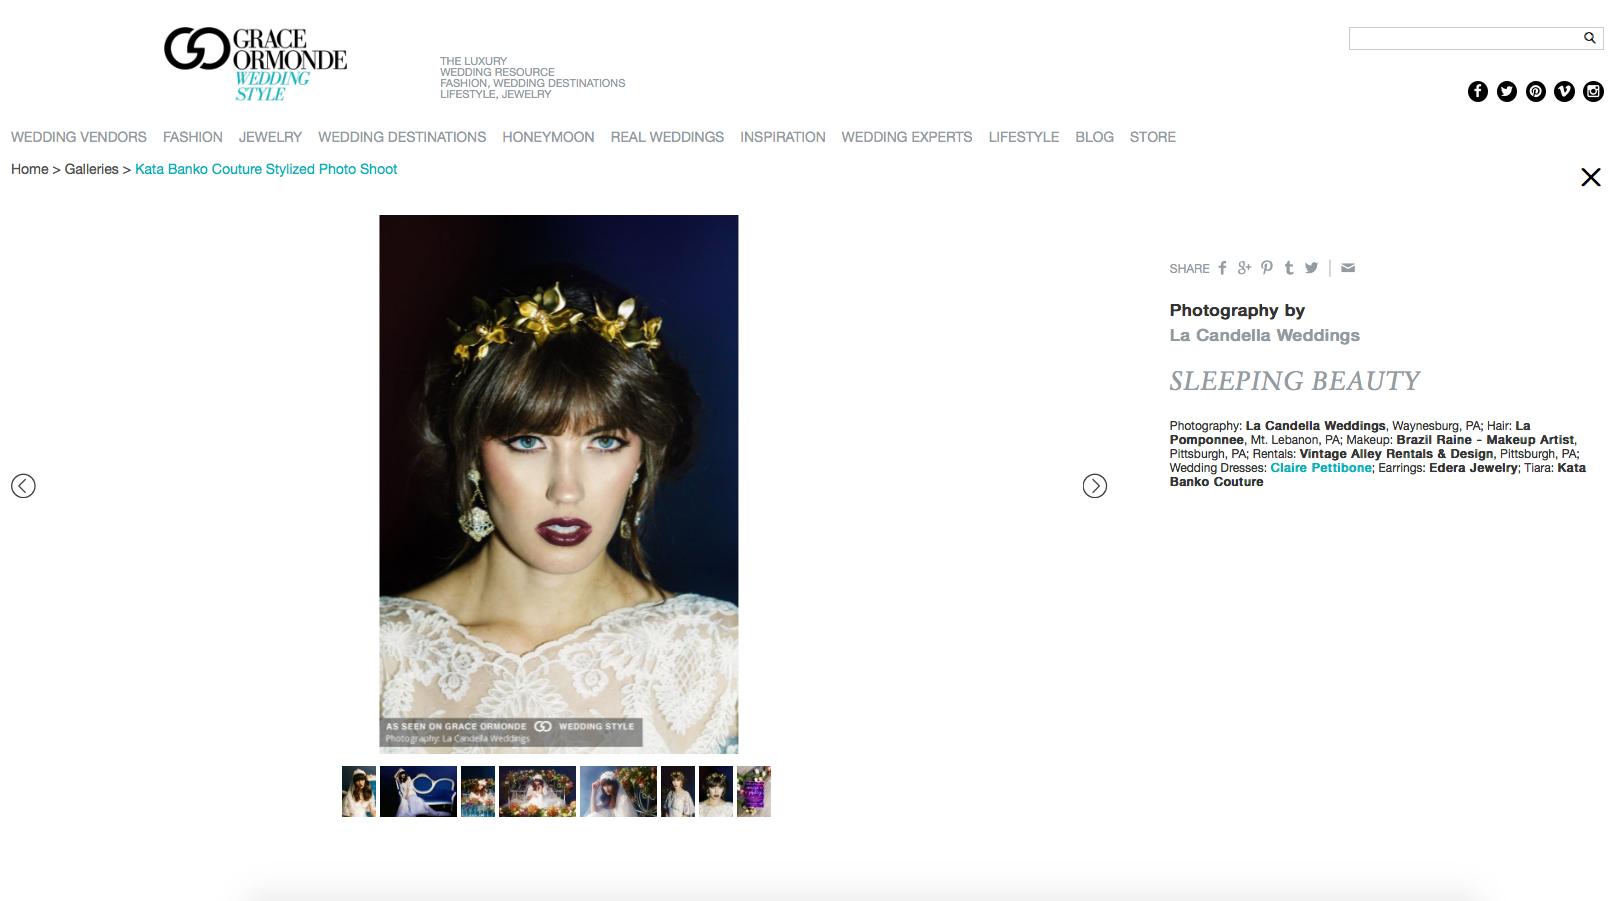 Edera Jewelry earrings featured on Grace Ormonde Weddings.